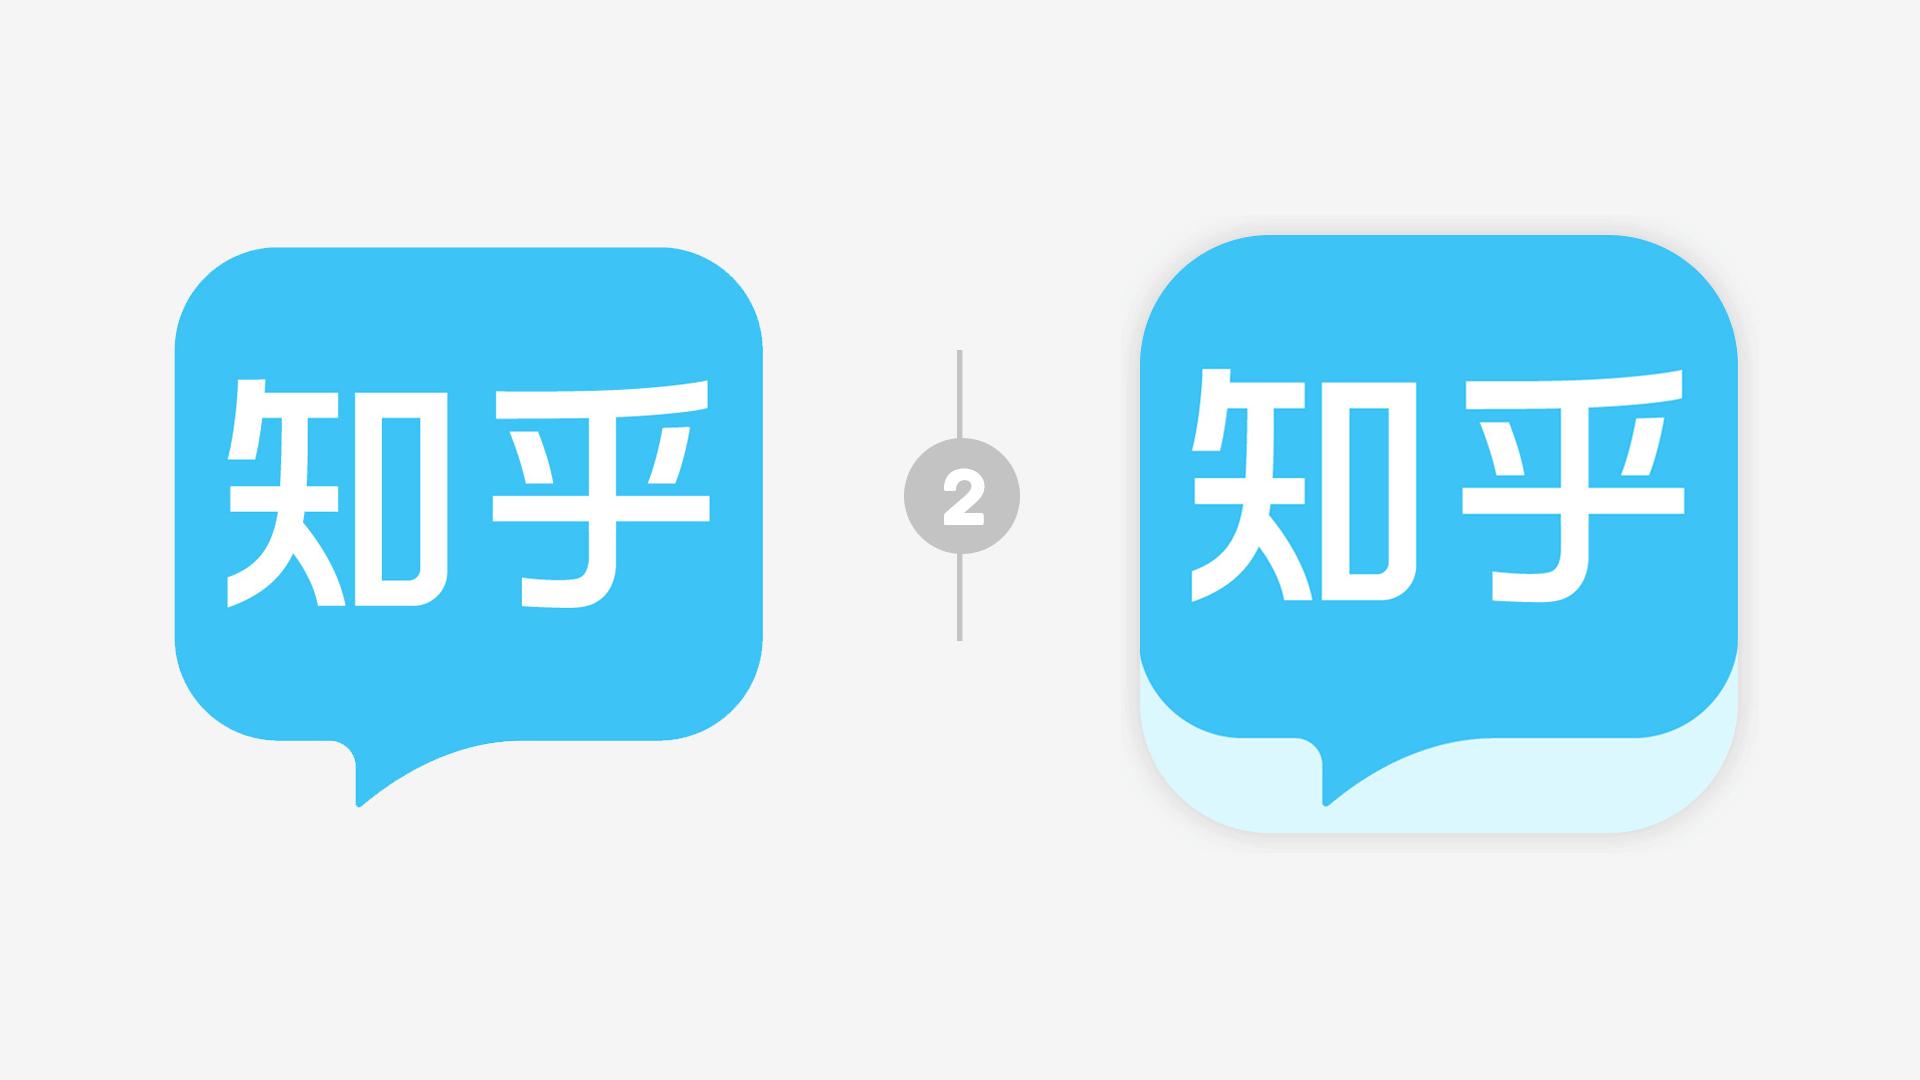 知乎設計五款新的品牌形象Logo方案征集網友意見-深圳VI設計3